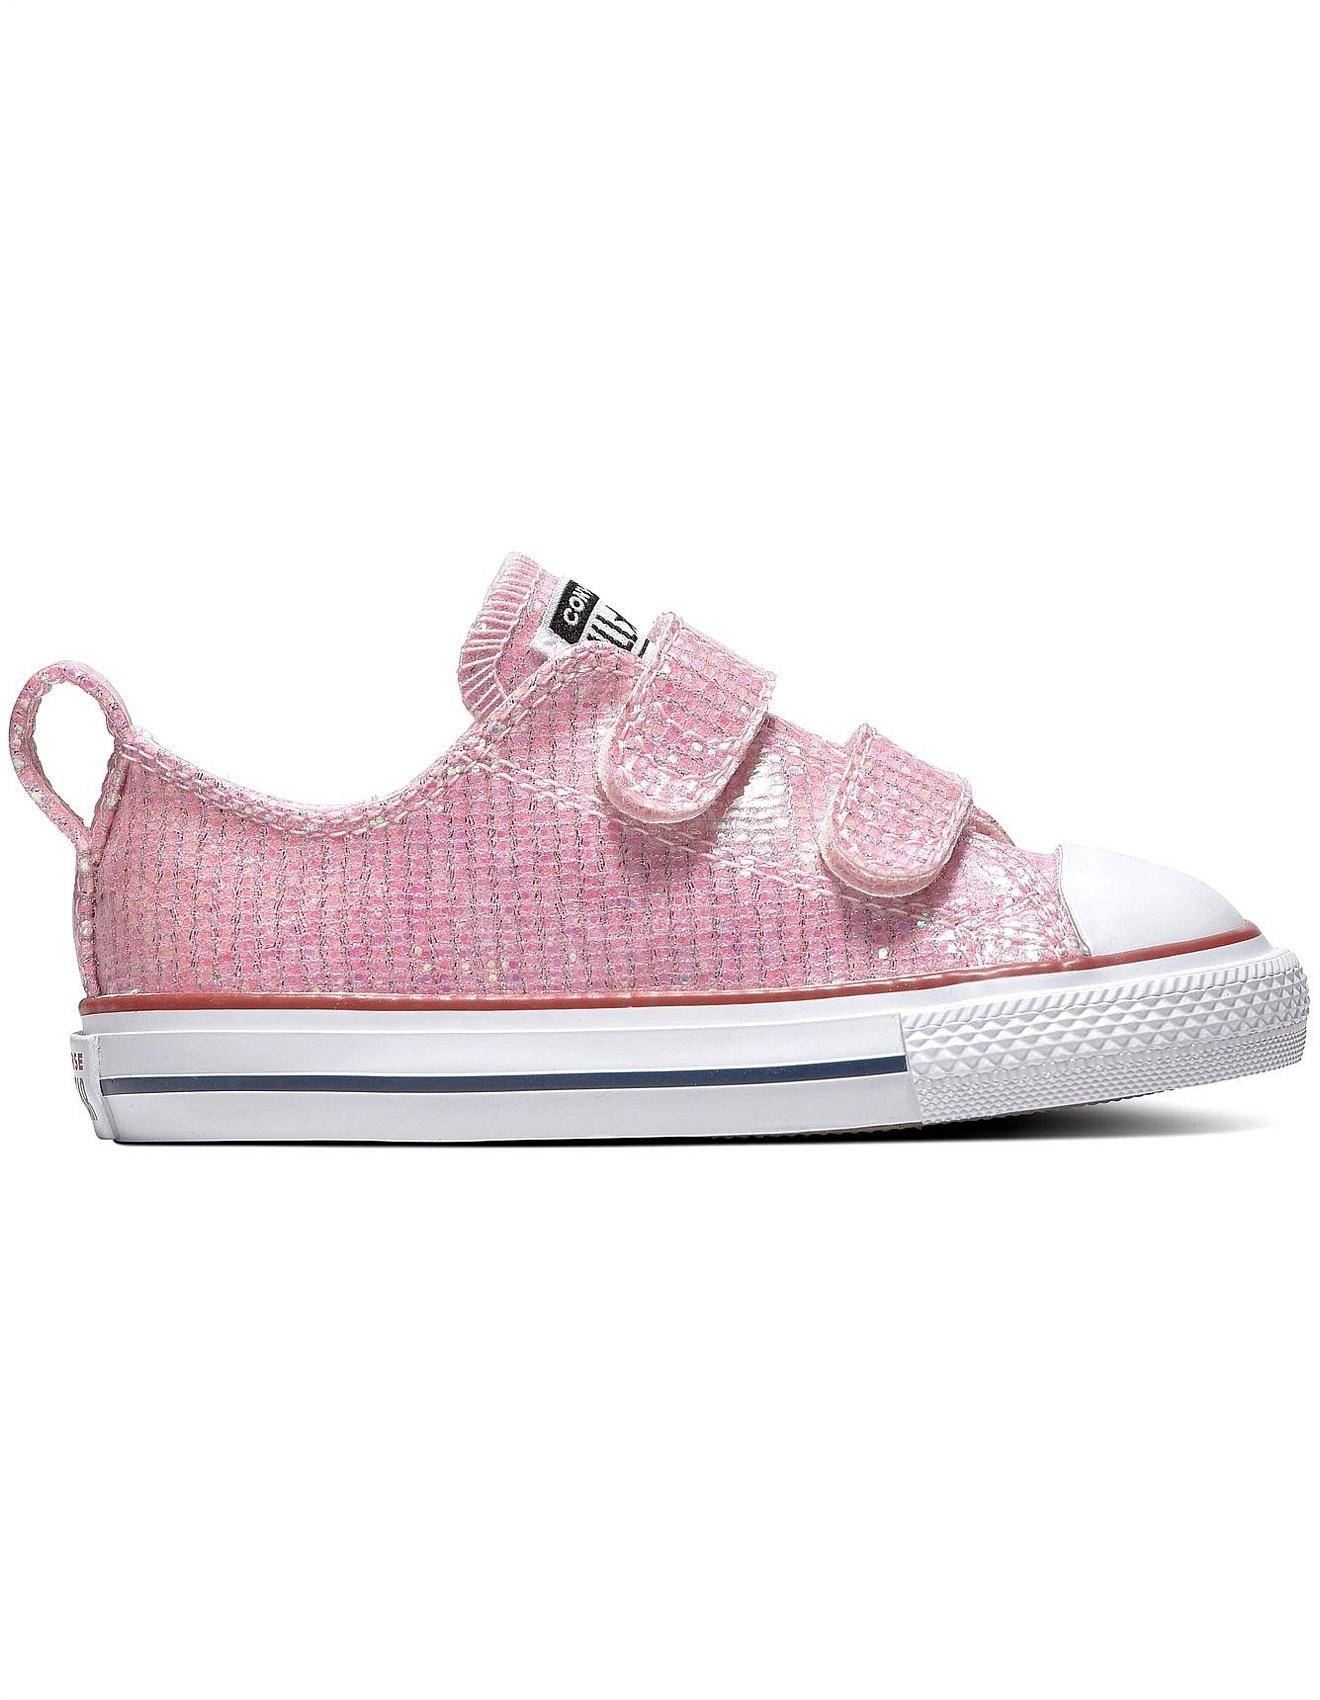 681b46b66464 Kid s Shoes